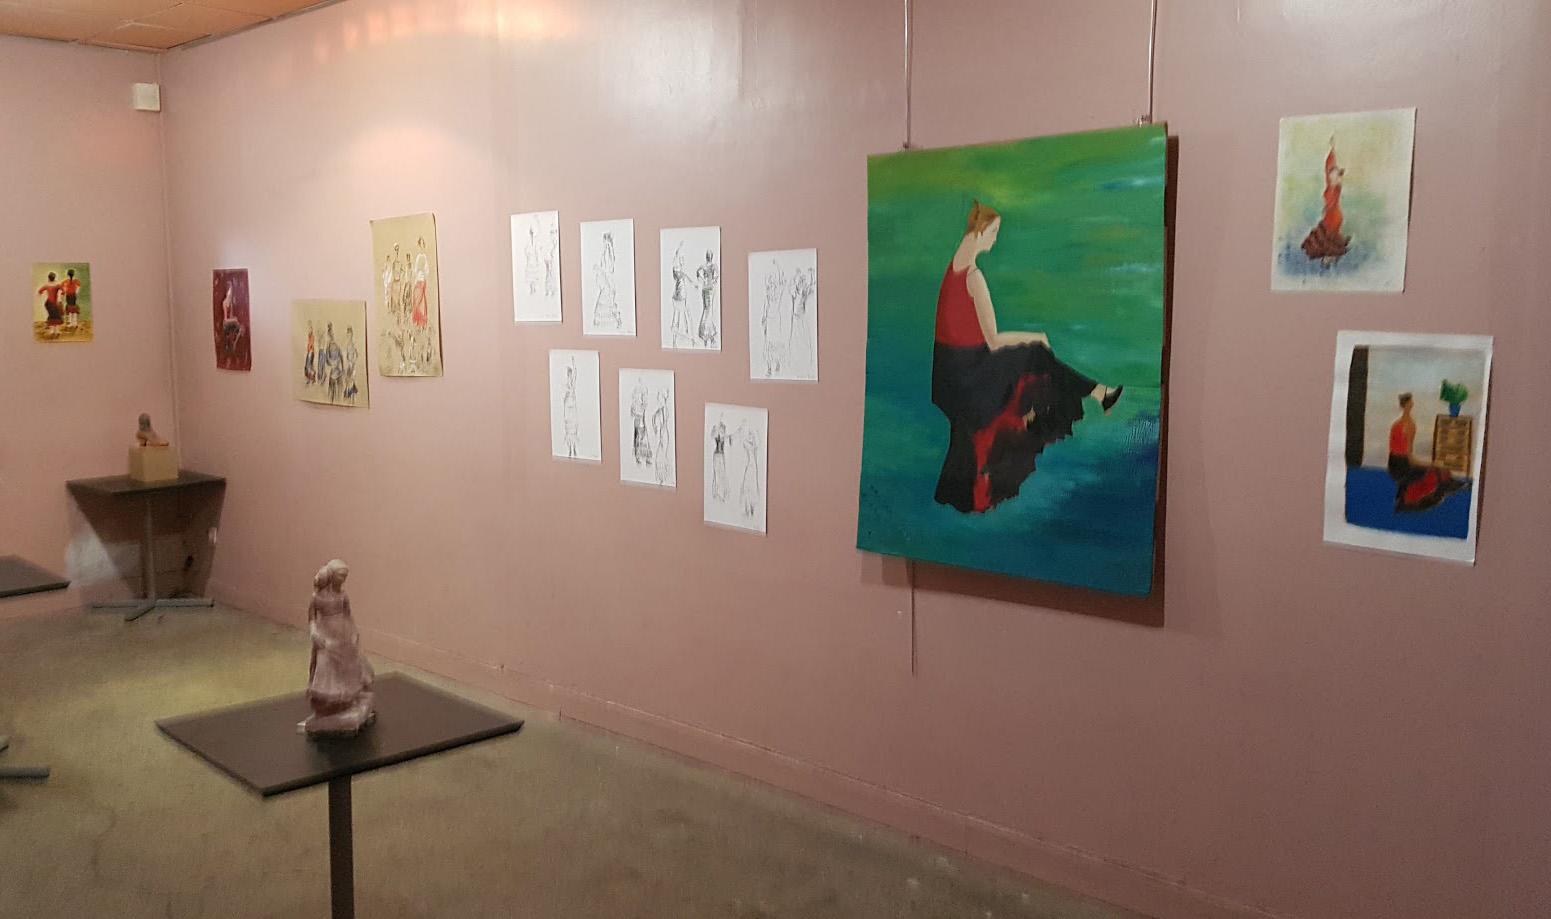 En fait, Il s'agit de l'exposition de dessins représentant des femmes qui dansent le flamenco faite par des élèves de la Sbac